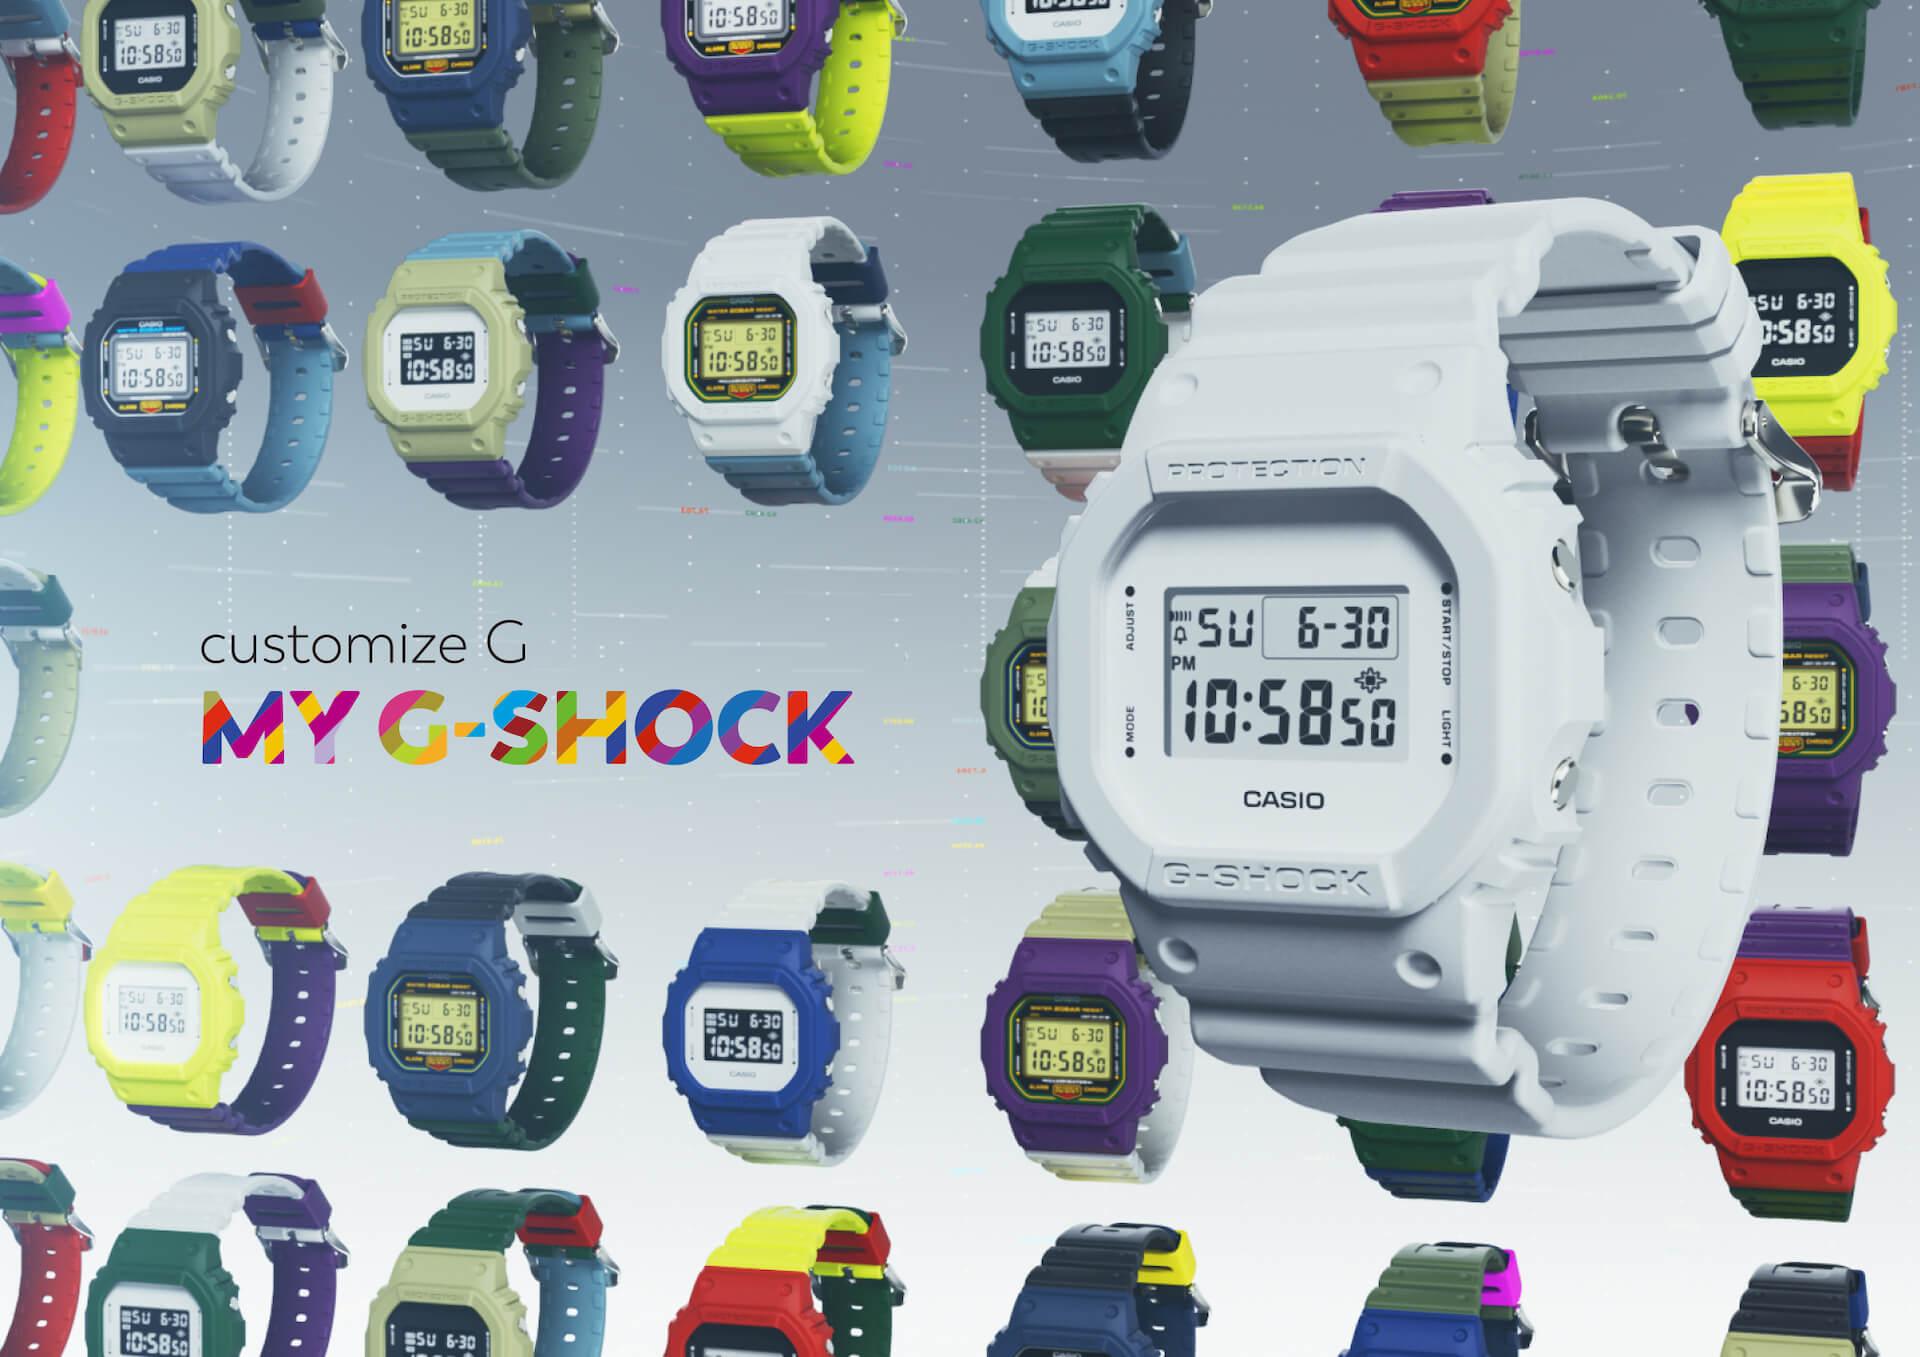 190万通りから自分好みのG-SHOCKを作れる!G-SHOCKカスタマイズサービス『MY G-SHOCK』がスタート tech211014_g_shock_4